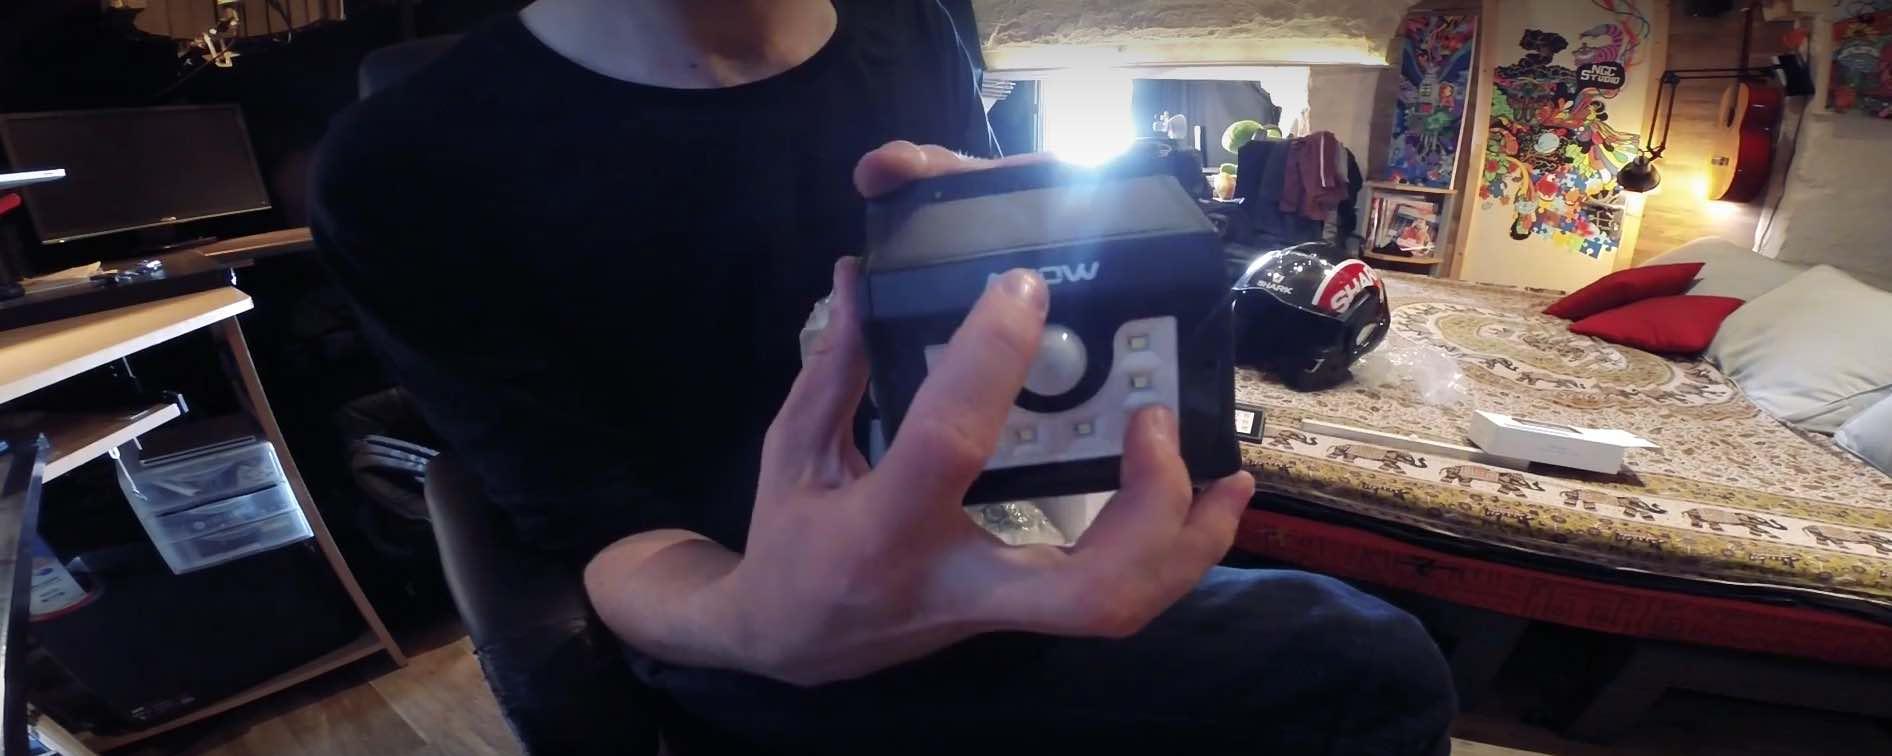 Leds, Lumières solaires et GorillaPod Mini – Vlog#30